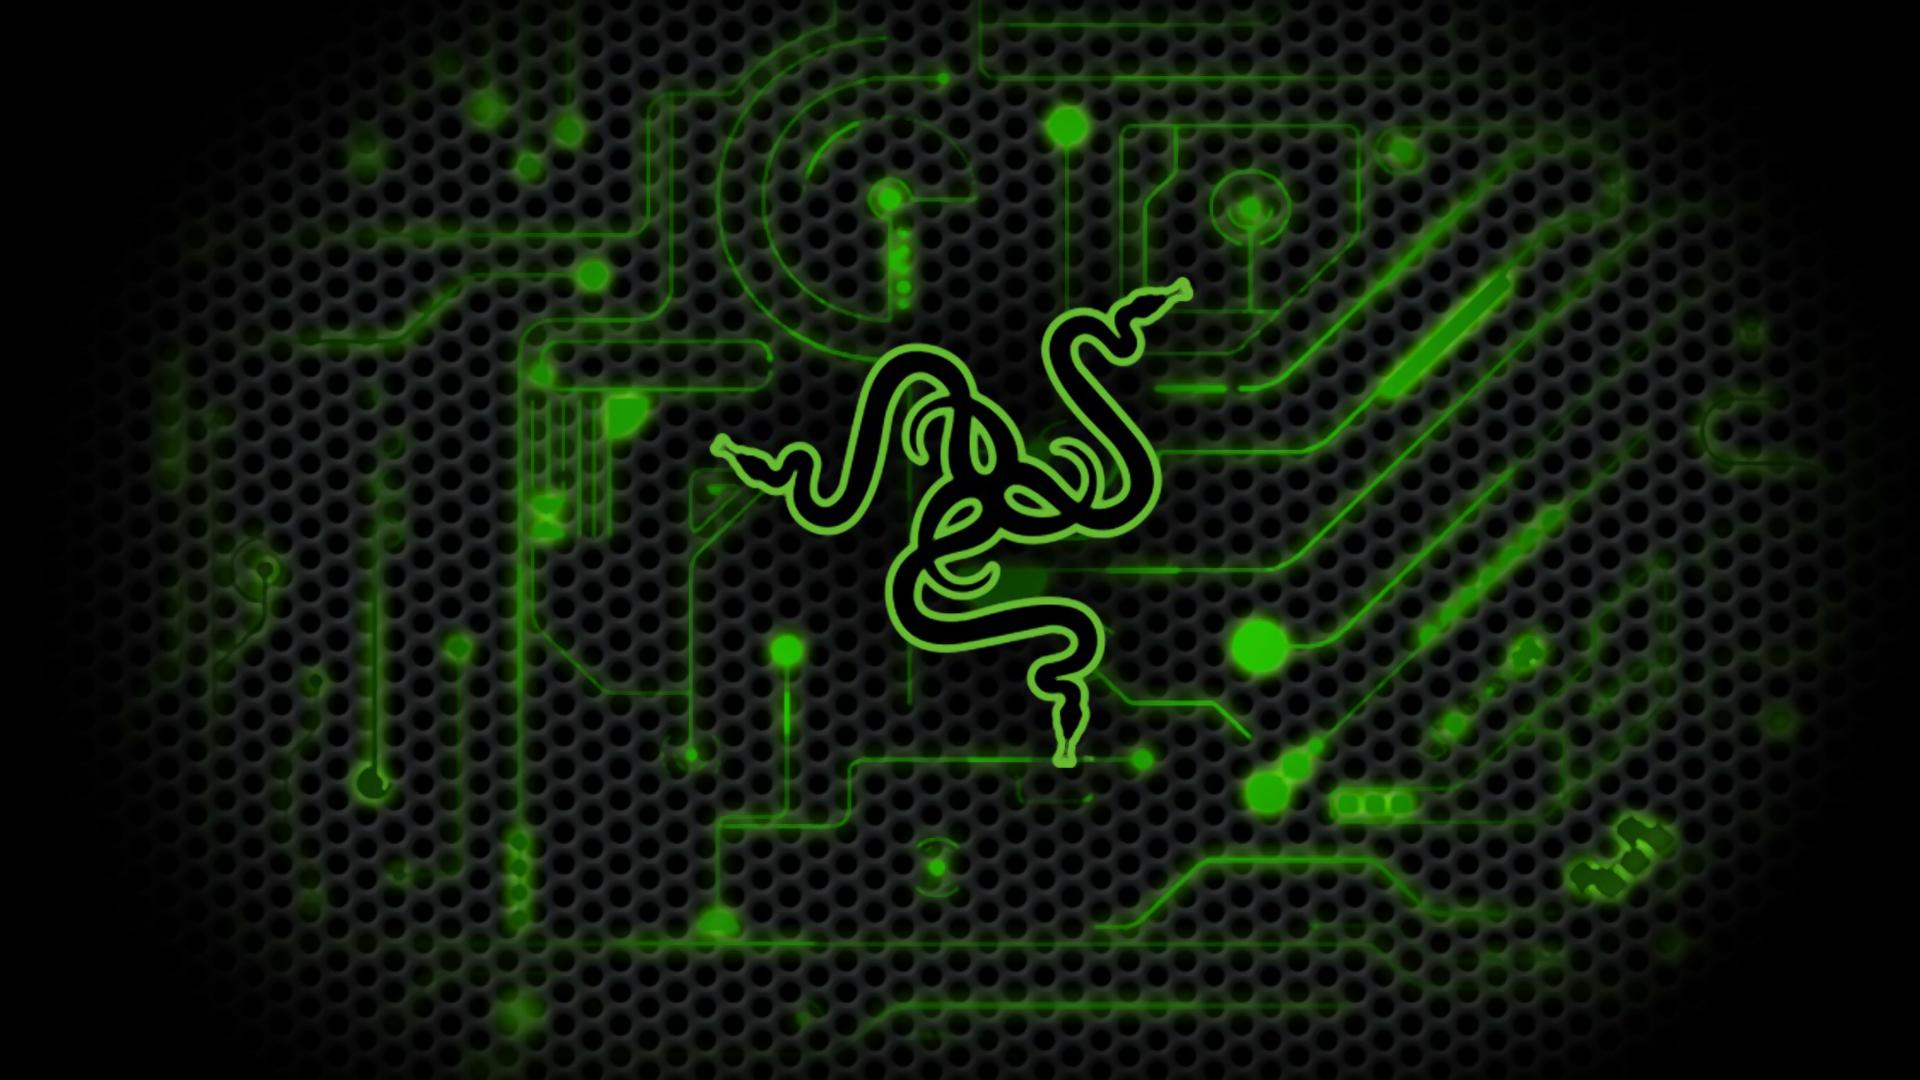 Razer gaming computer game wallpaper background html code - Razer Wallpaper 1920x1080 Hd Wallpapersafari